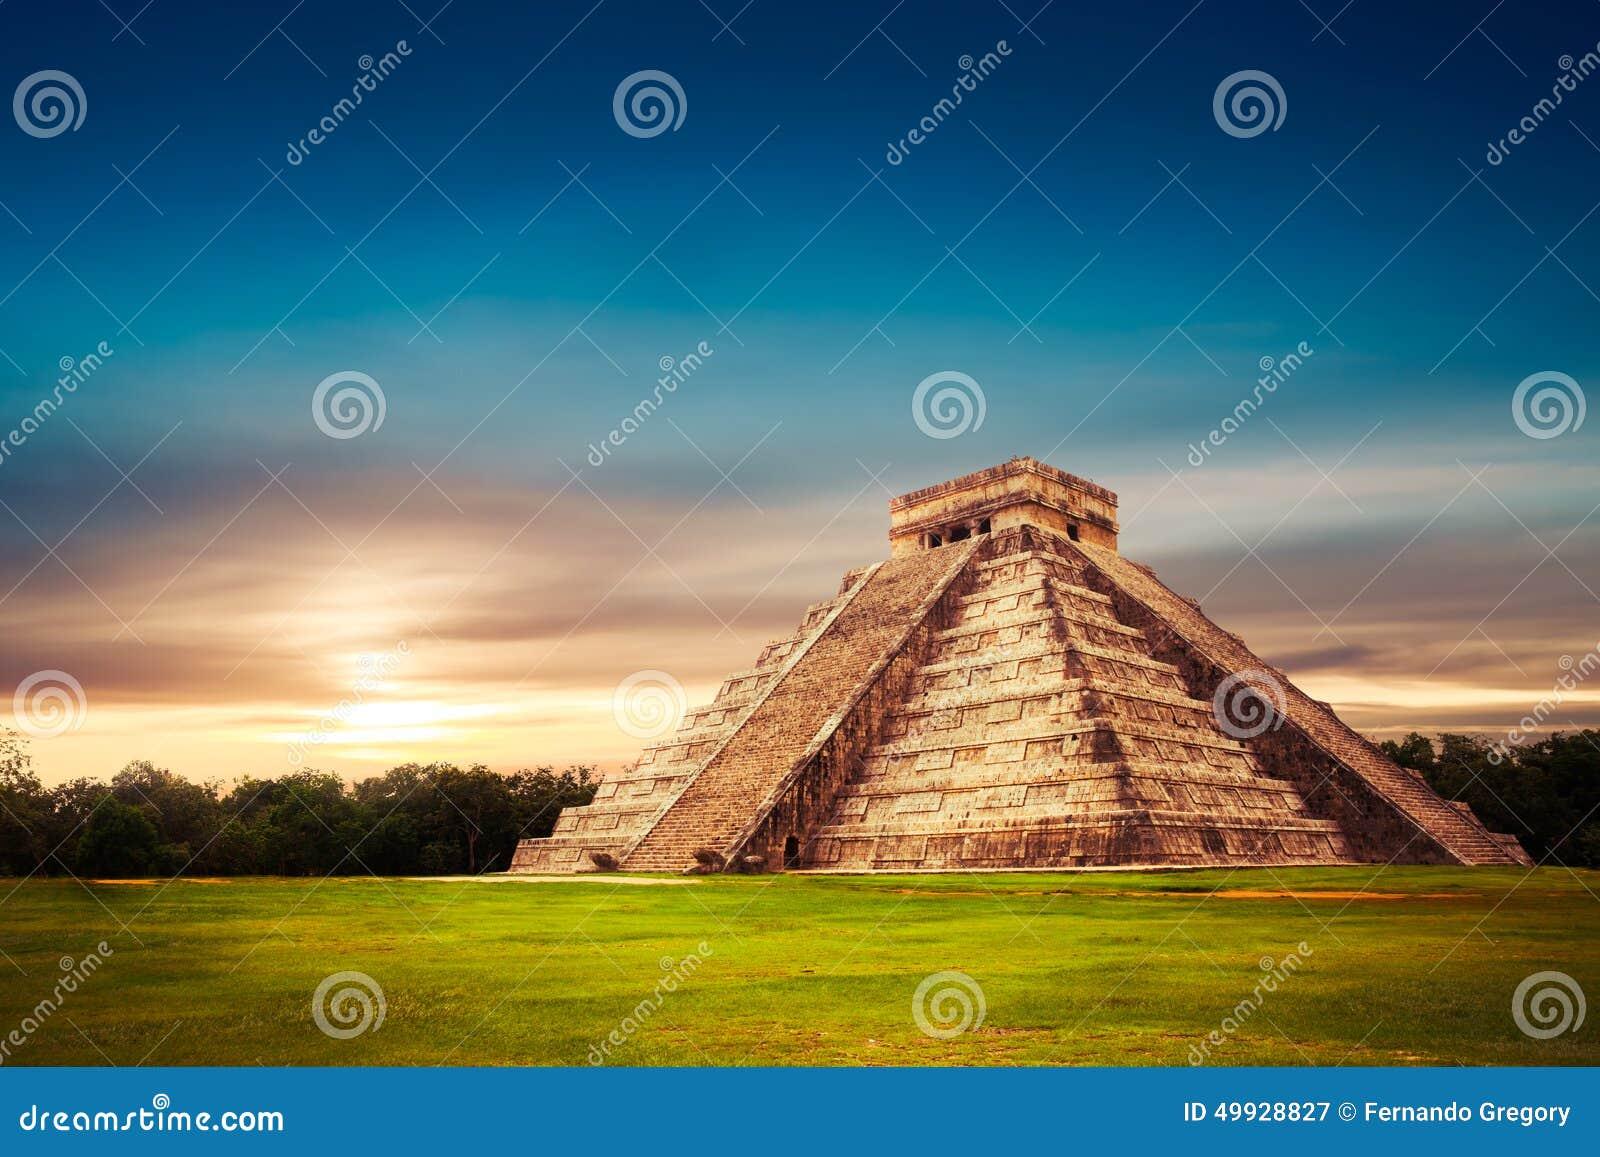 Pirámide de El Castillo en Chichen Itza, Yucatán, México